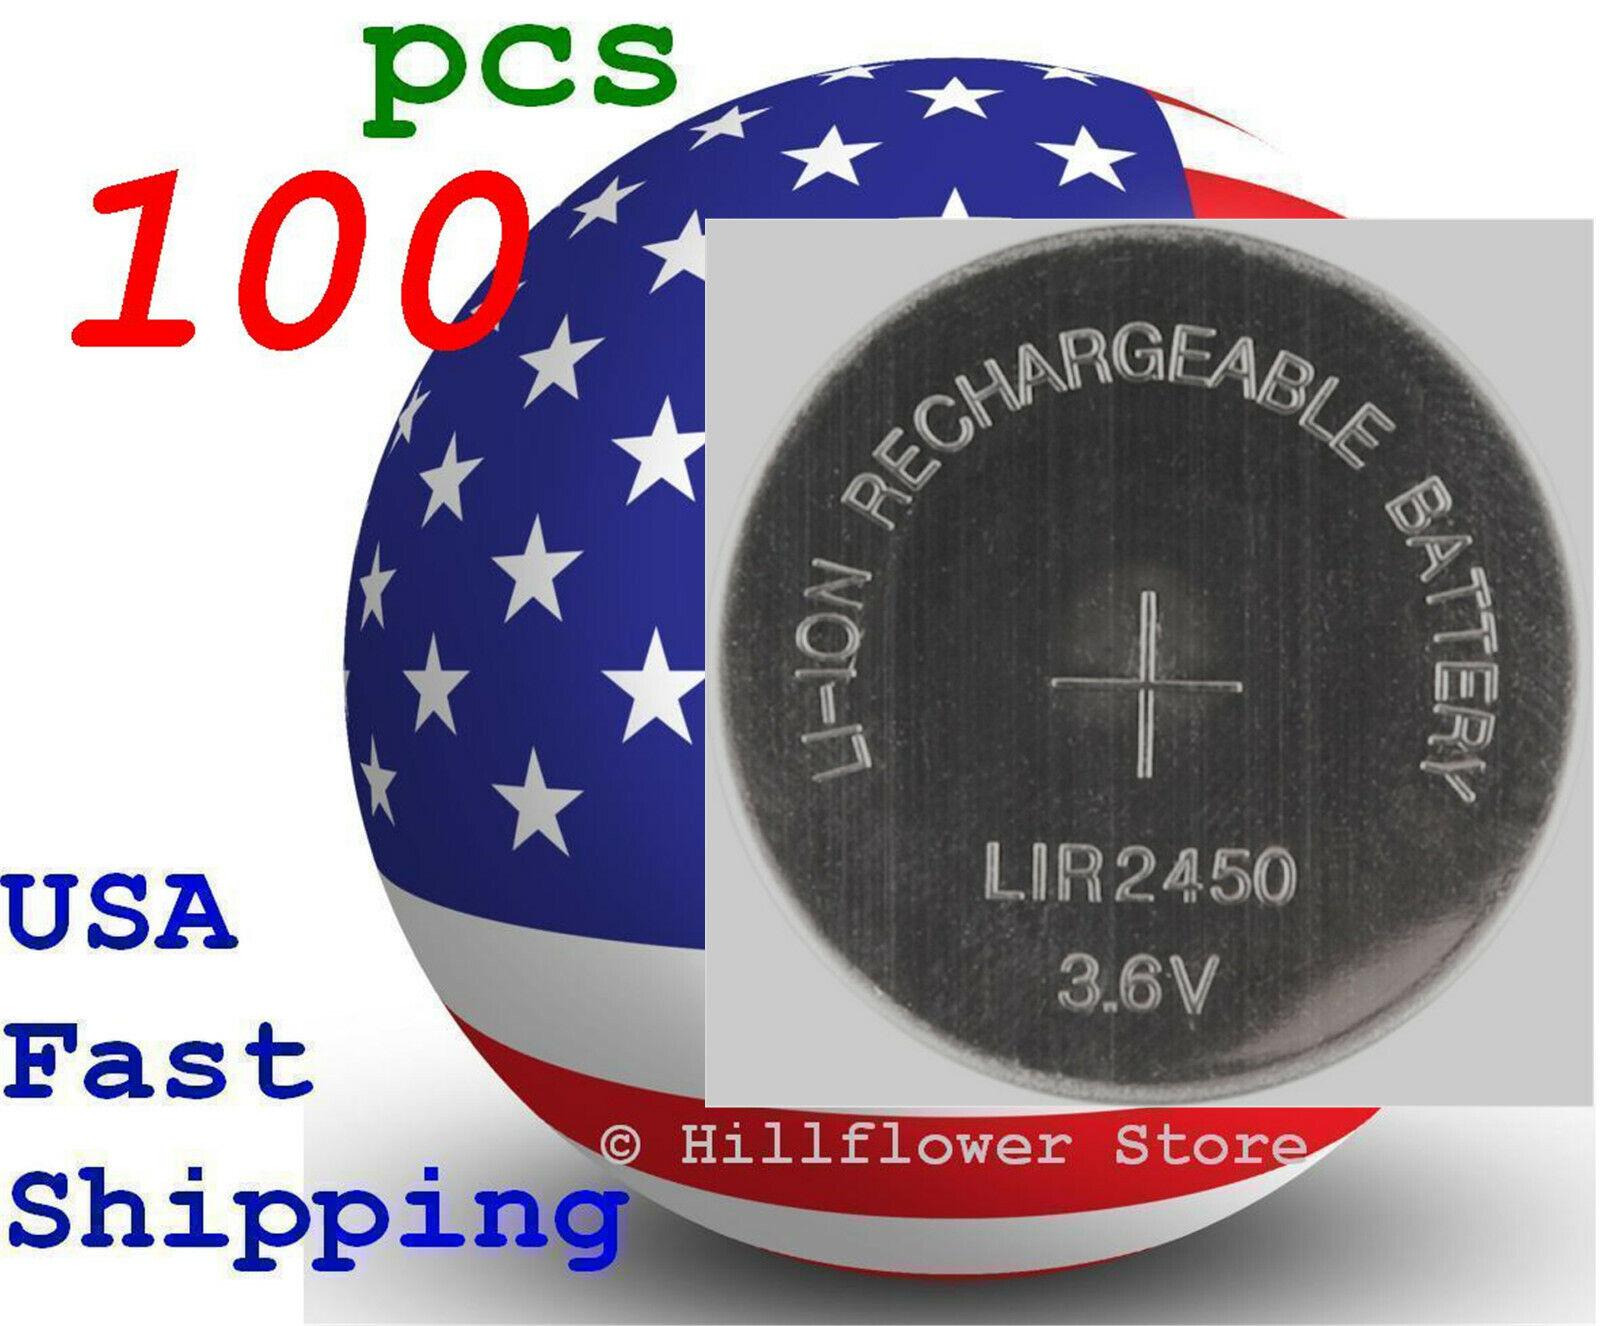 100 pcs LIR2450 2450 Bulk 3.6V Rechargeable LIR Genuine Lithium Battery